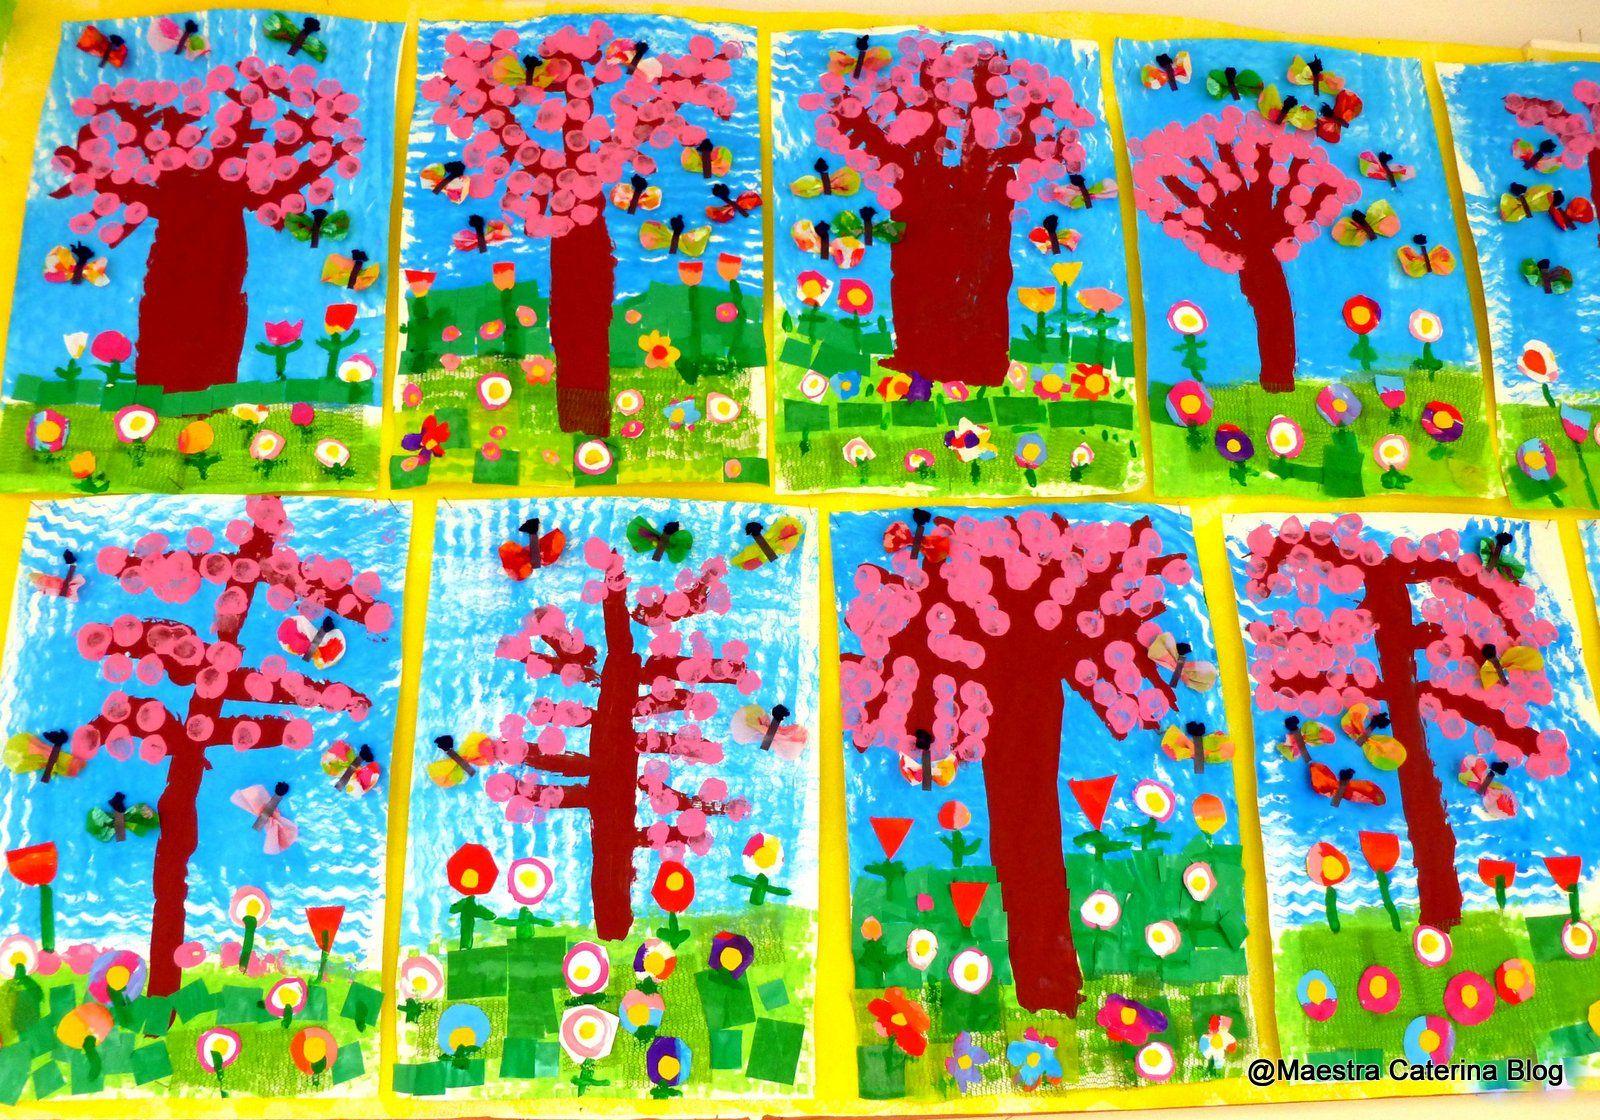 Maestra caterina primavera scuola dell 39 infanzia for Addobbi finestre scuola infanzia primavera